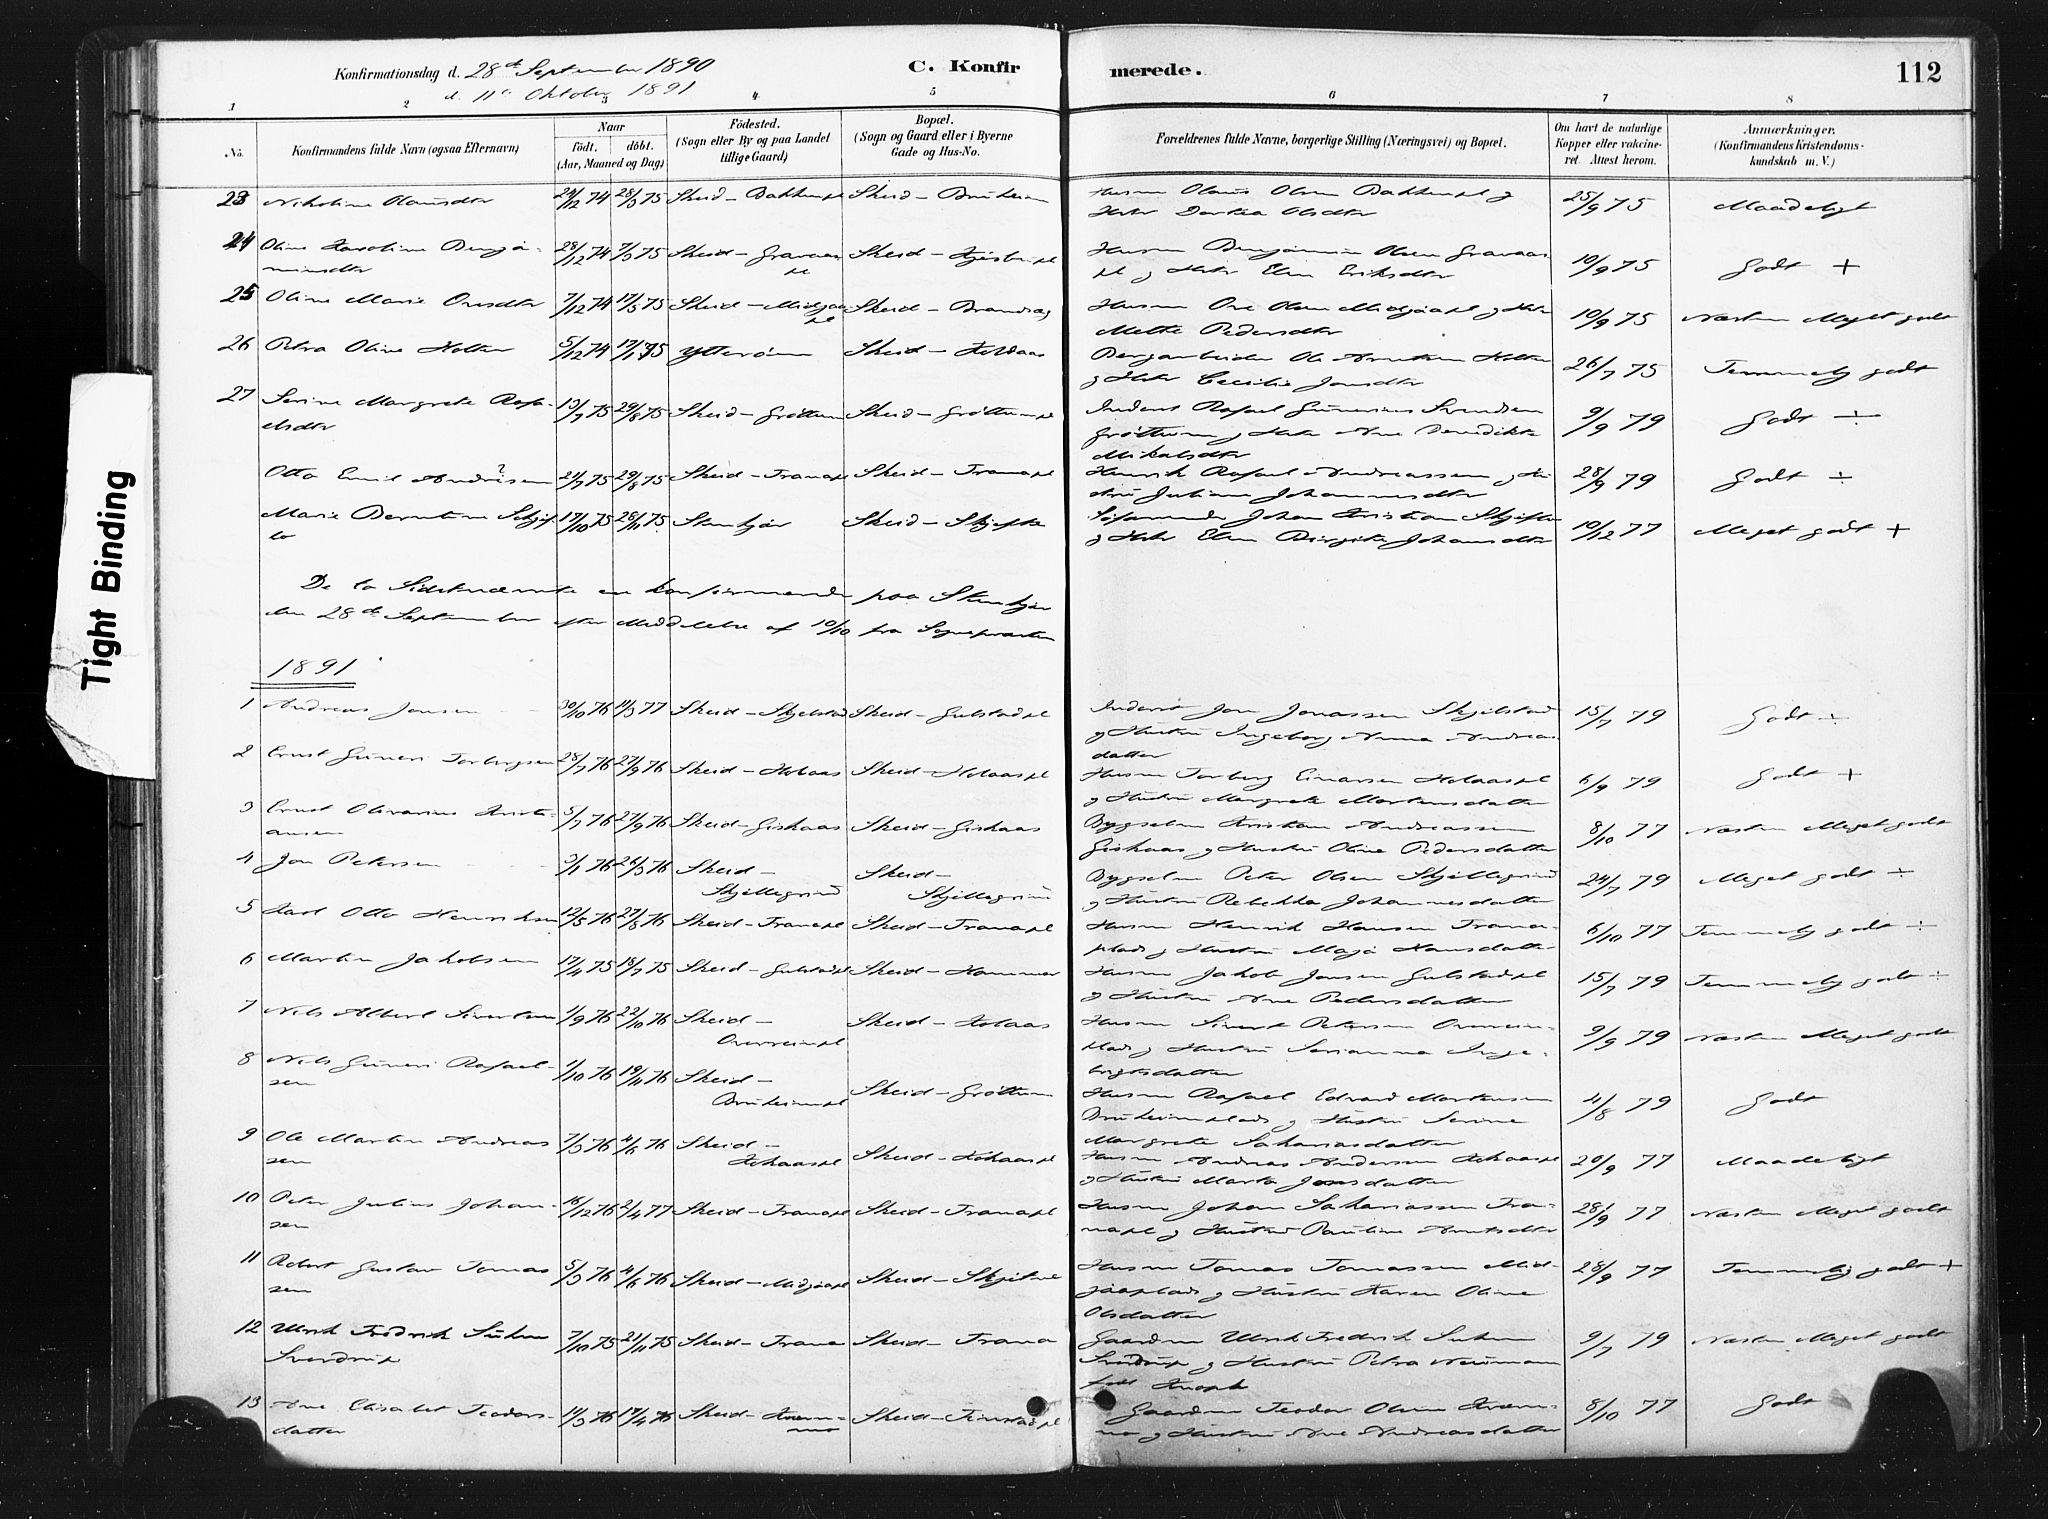 SAT, Ministerialprotokoller, klokkerbøker og fødselsregistre - Nord-Trøndelag, 736/L0361: Ministerialbok nr. 736A01, 1884-1906, s. 112